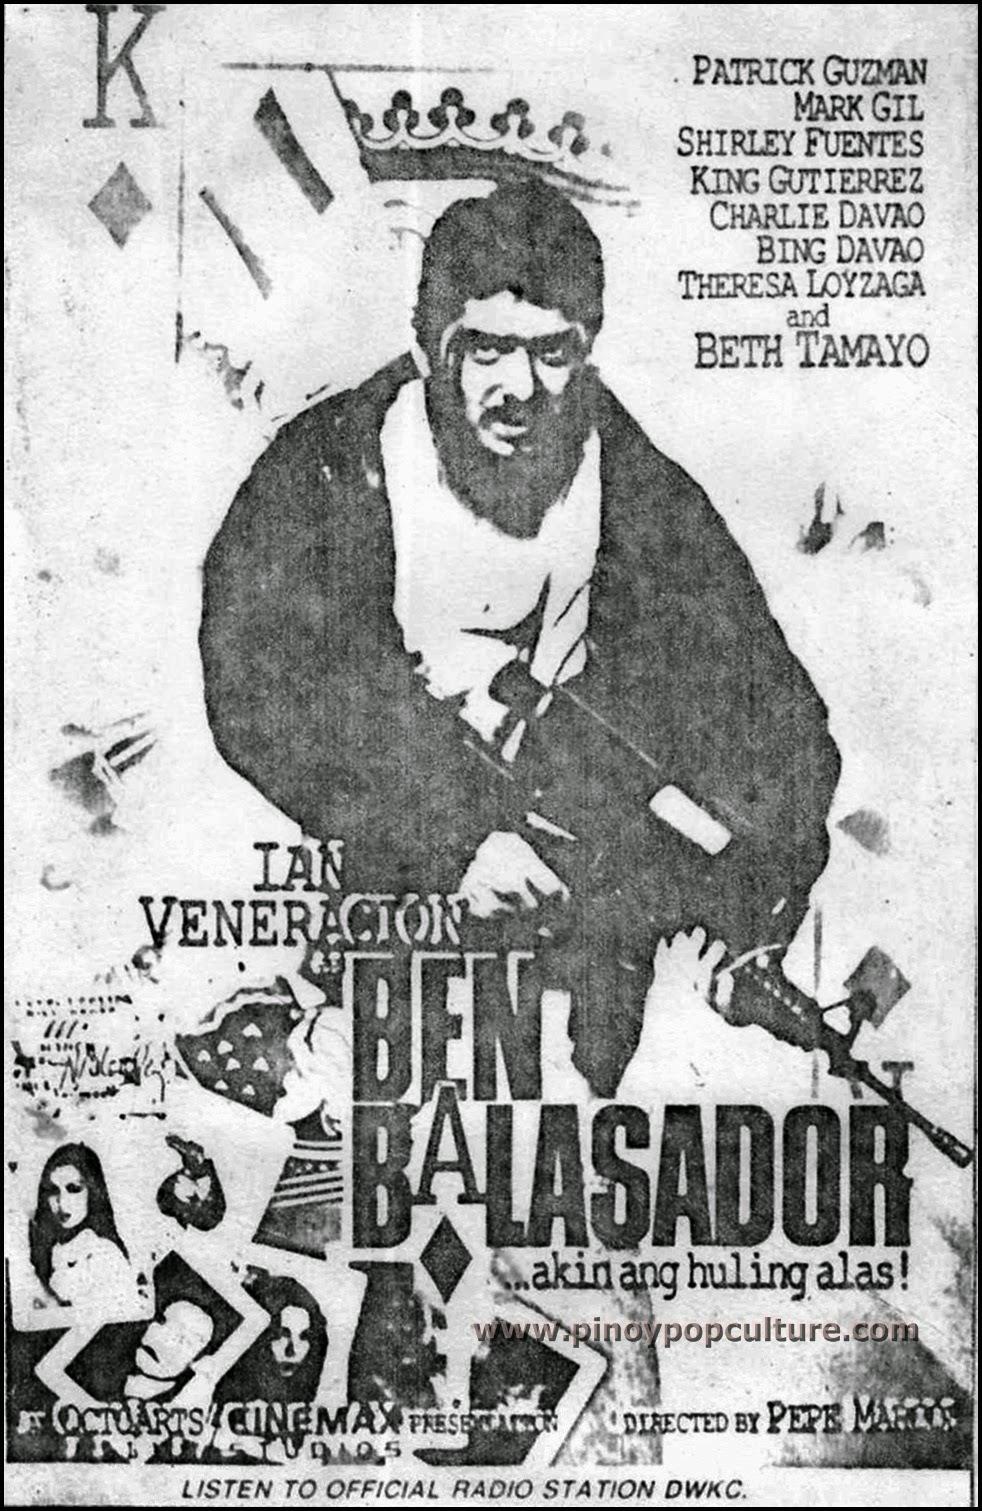 Ian Veneracion, Ben Balasador